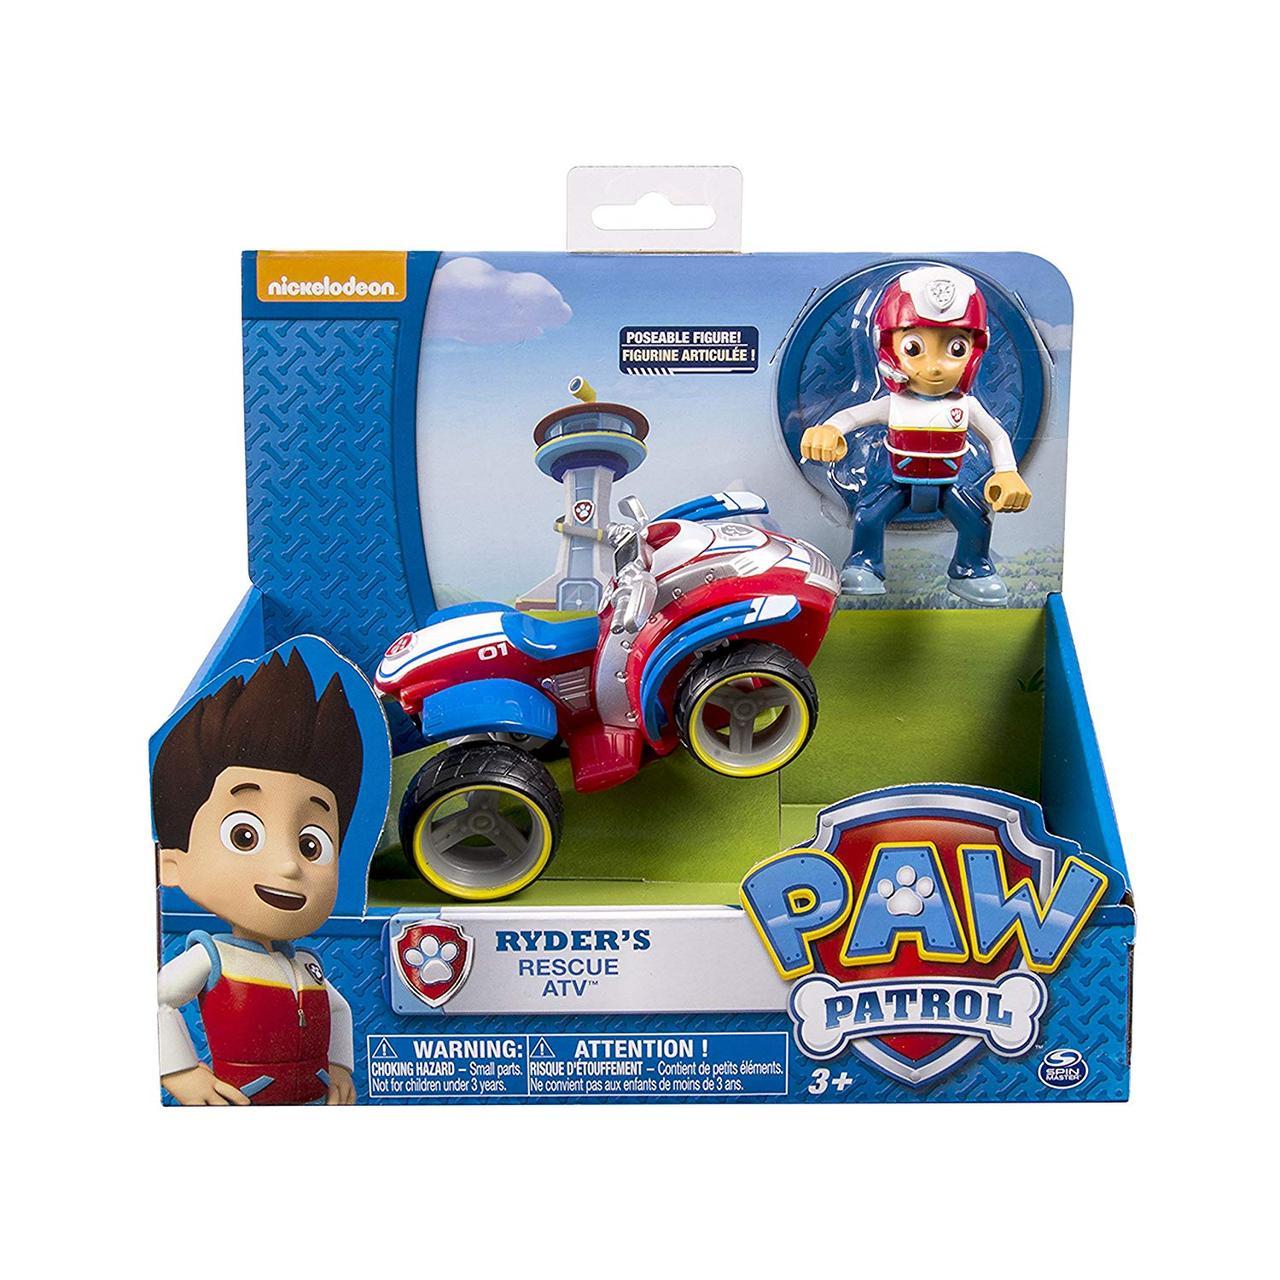 Игровой набор Щенячий патруль Paw Patrol Райдер и Спасательный квадроцикл Ryder's Rescue ATV Spin Master